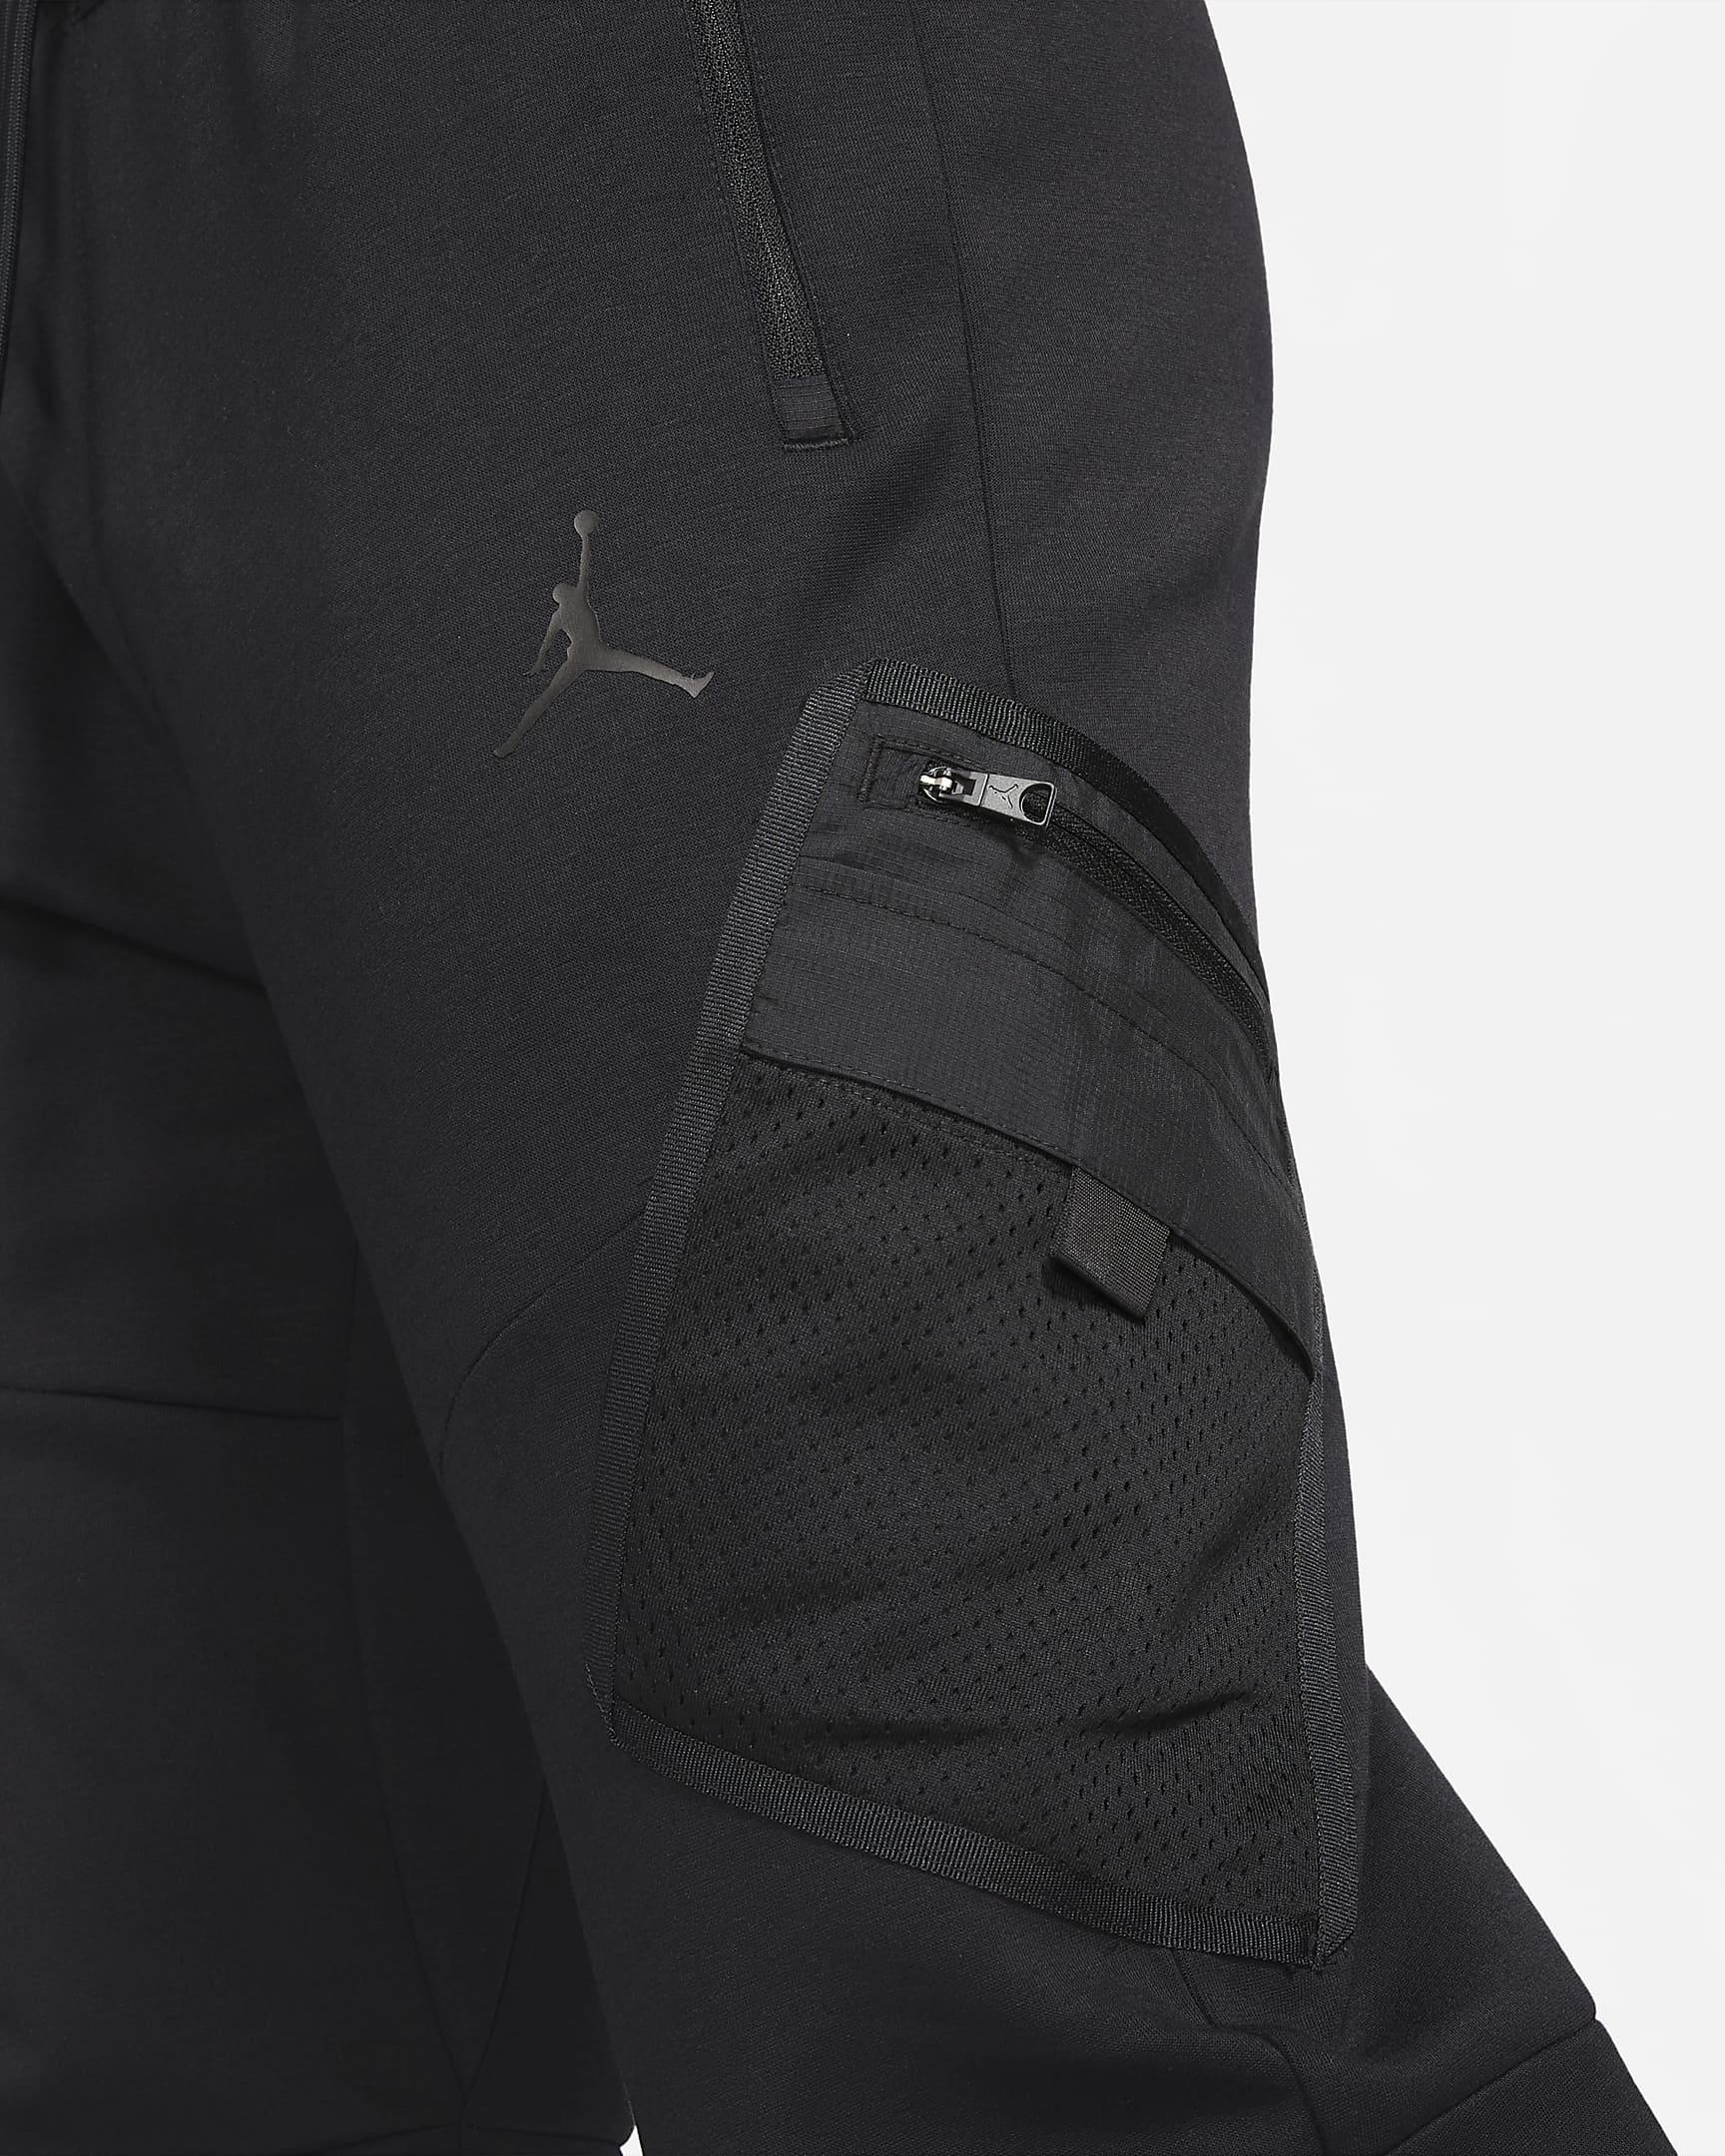 jordan-dri-fit-air-mens-pants-2FKn4X-2.png